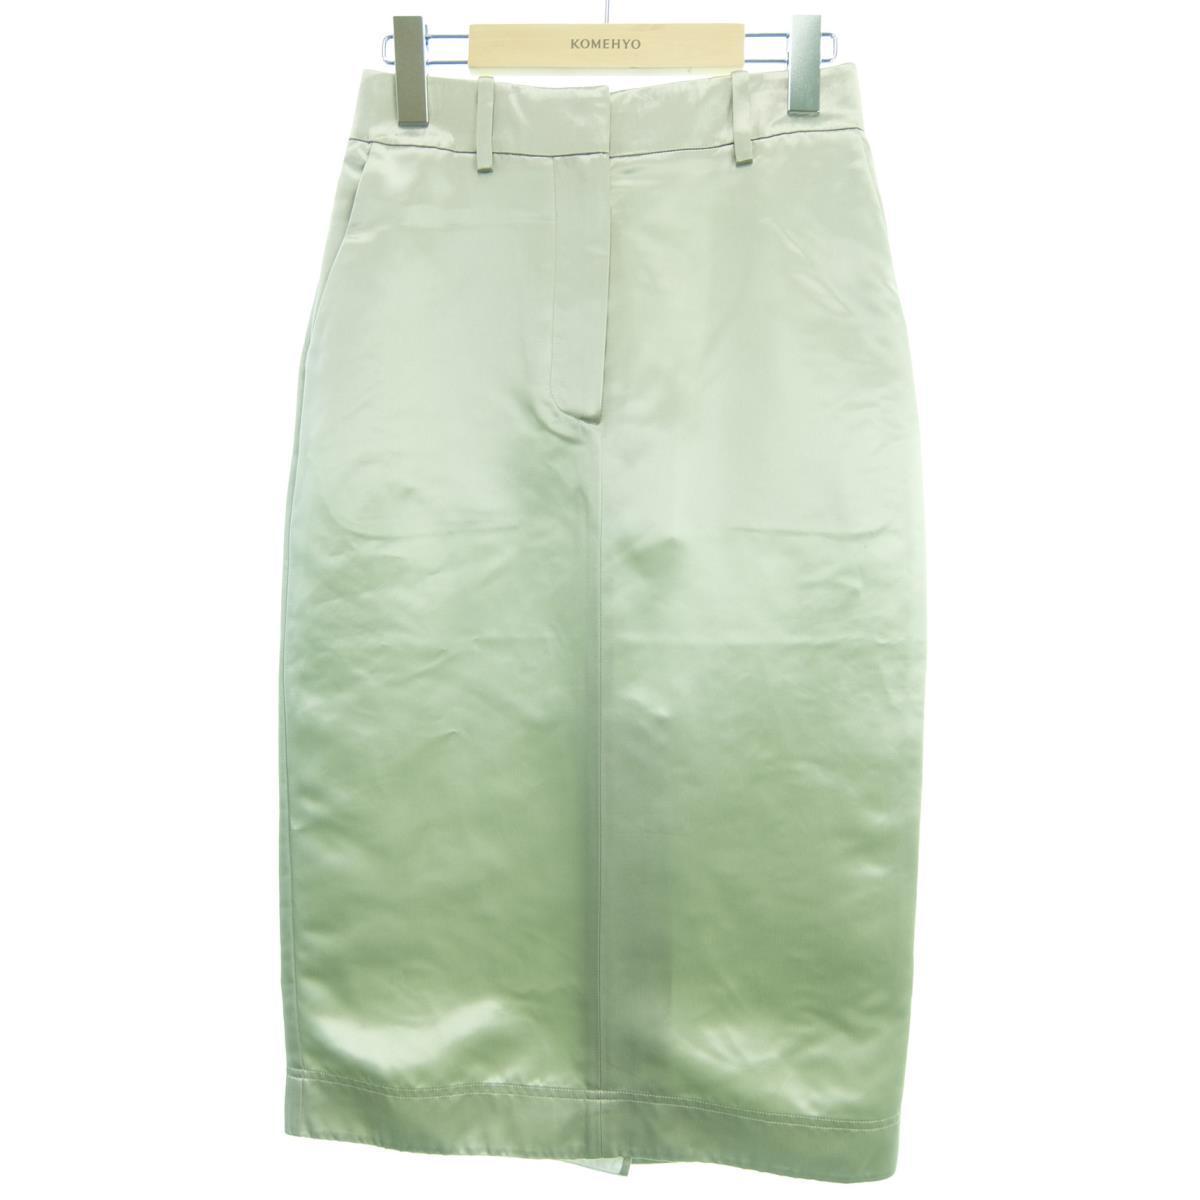 【未使用品】CALVIN KLEIN 205W39NYC スカート【中古】